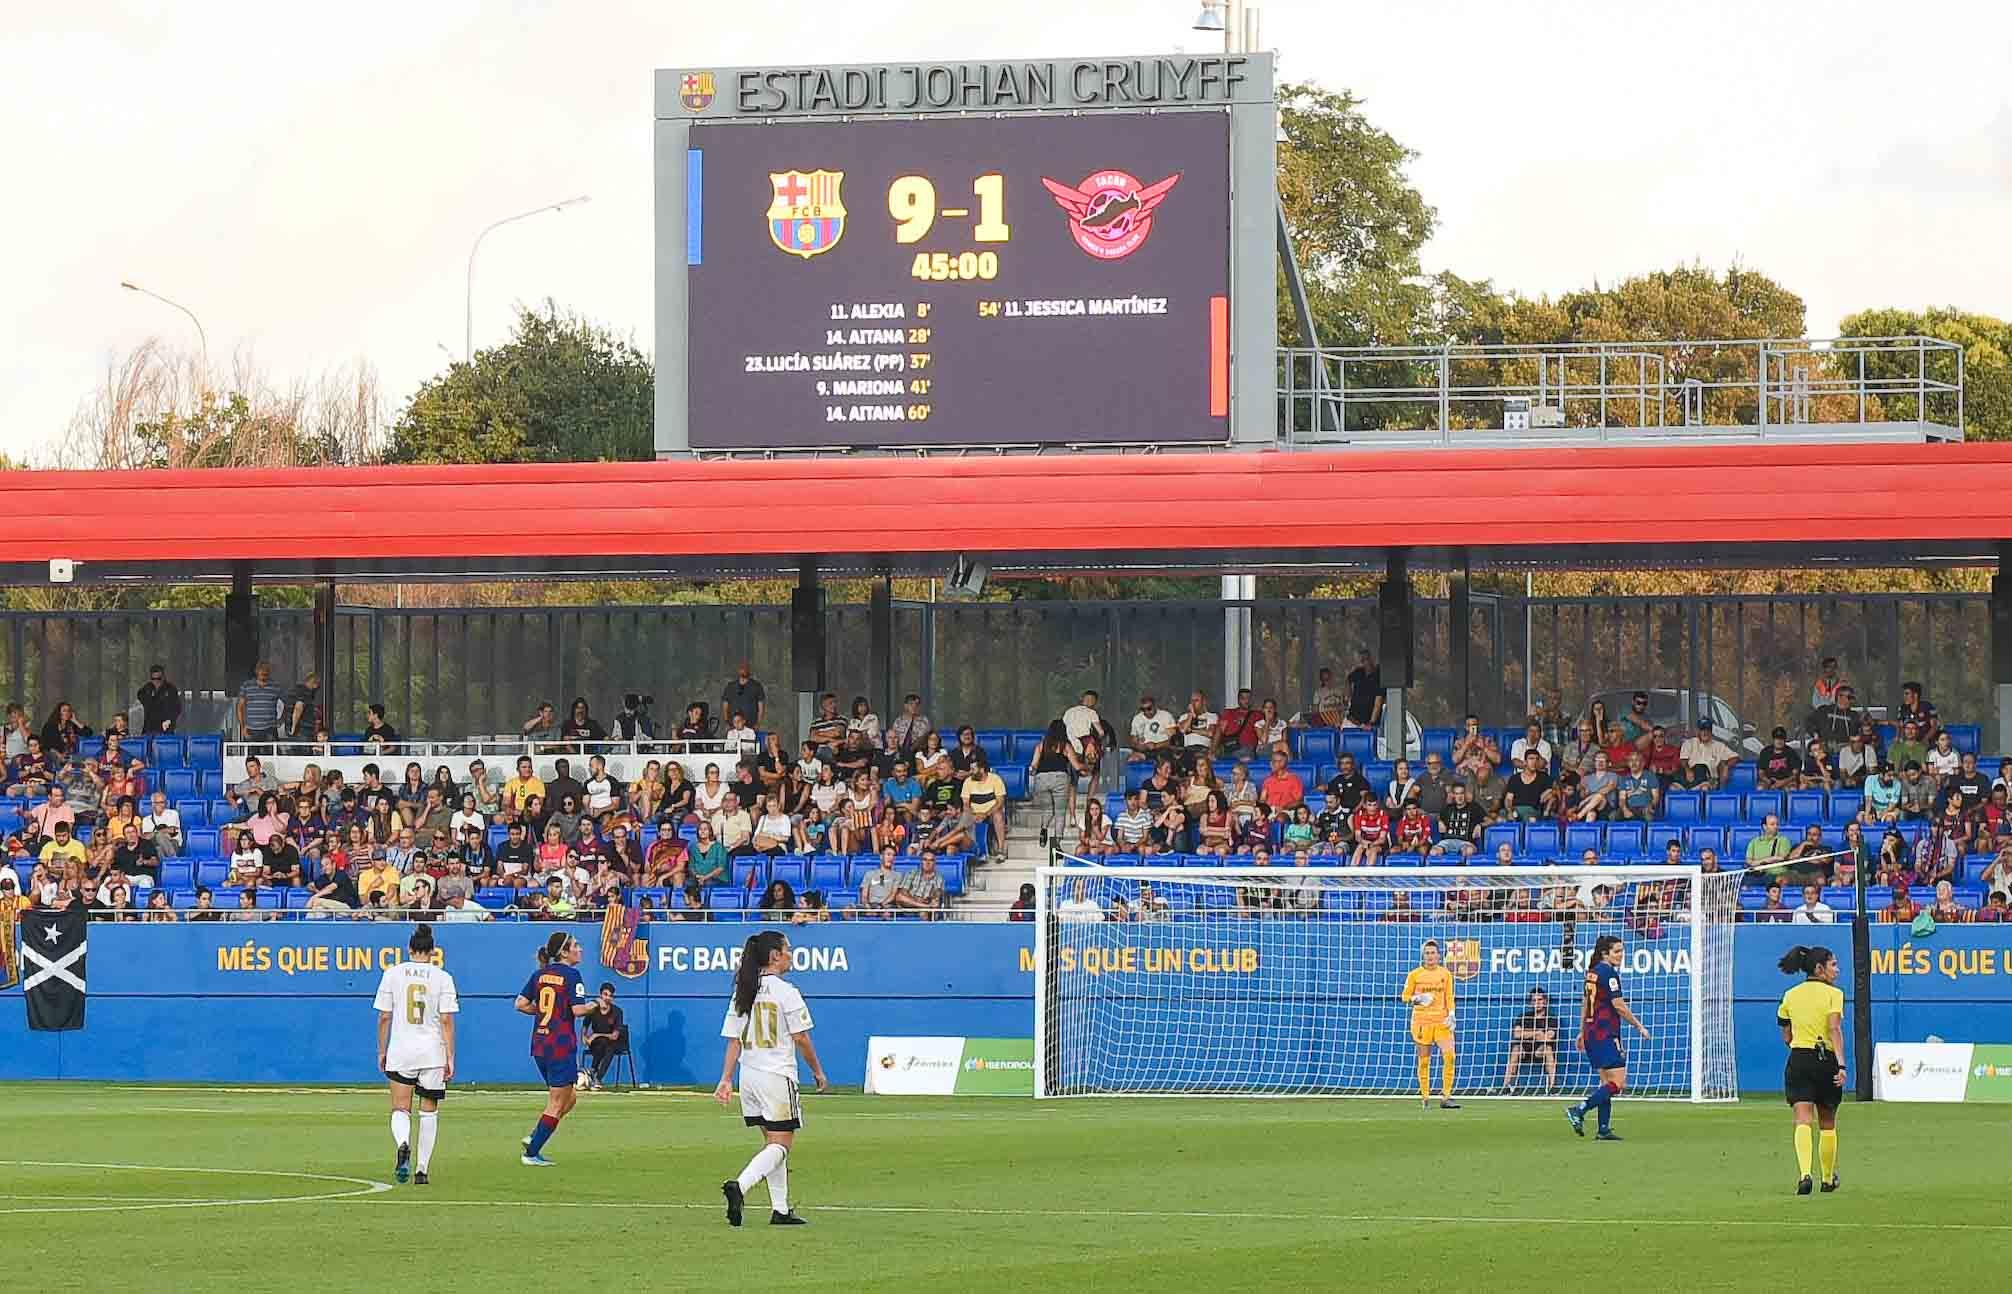 弗洛伦蒂诺:巴萨女足是西班牙最好的女足球队